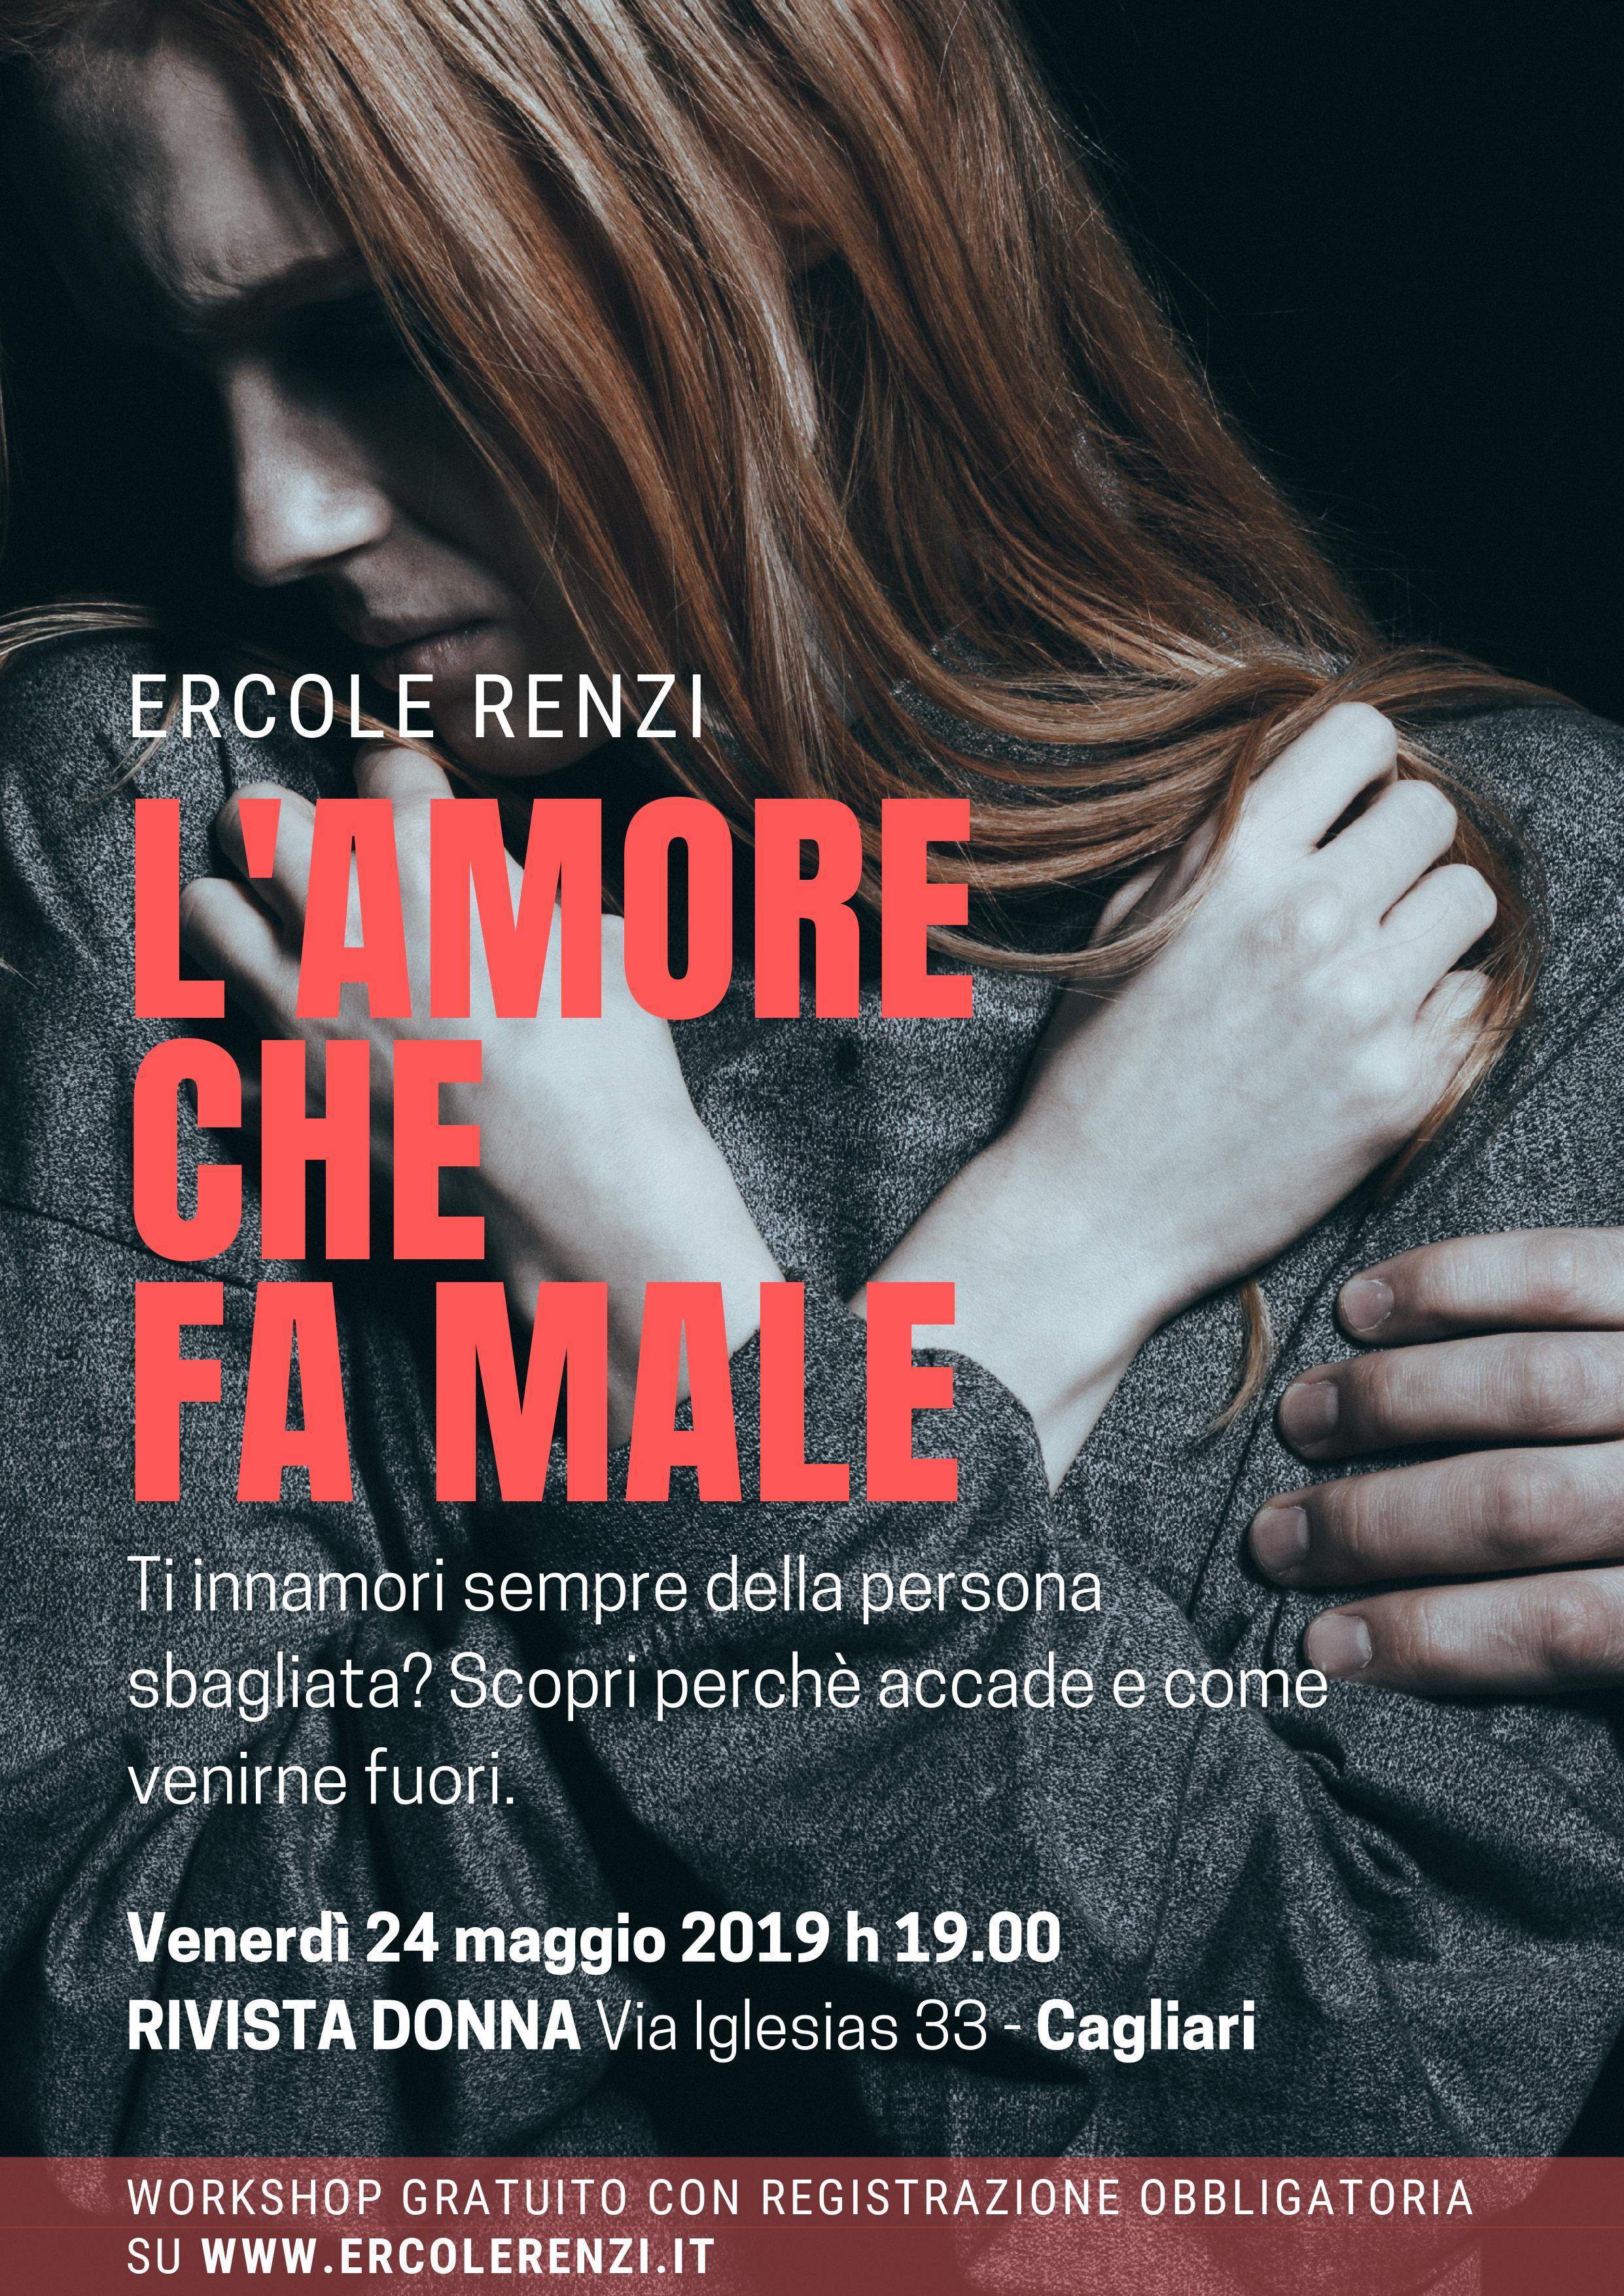 Workshop-ErcoleRenzi-RivistaDonna.com